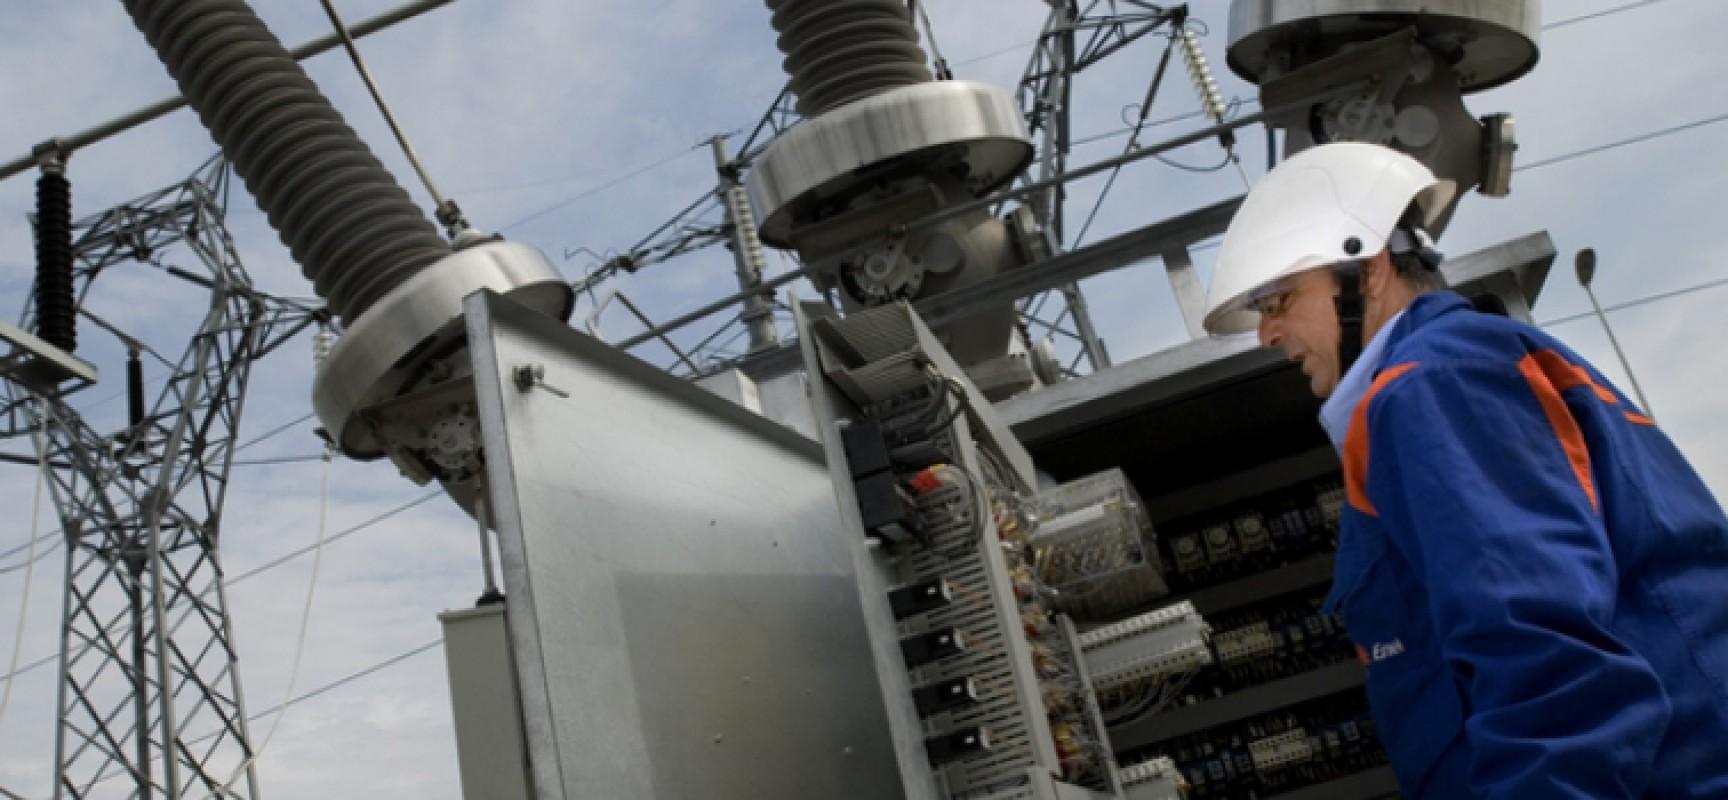 Interruzione energia elettrica in varie zone della città giovedì 27 ottobre / DETTAGLI